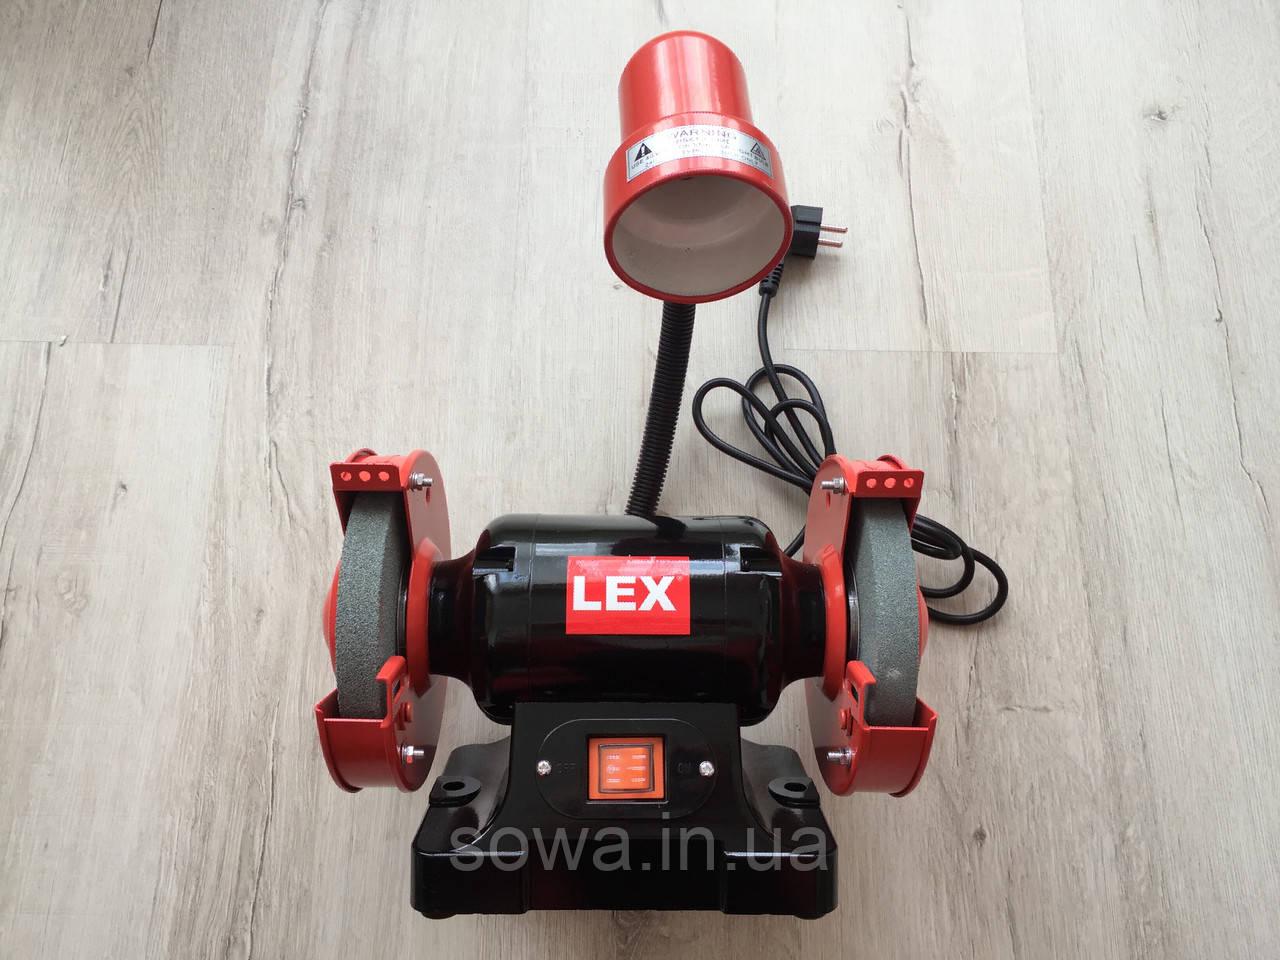 Точильный станок Lex LXBG14 с подсветкой / 1400Вт